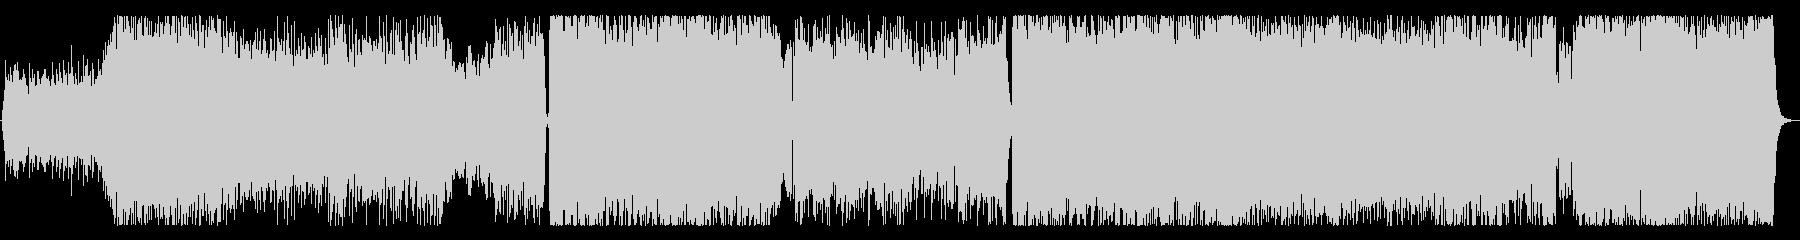 ハレルヤ・ネットワークの未再生の波形